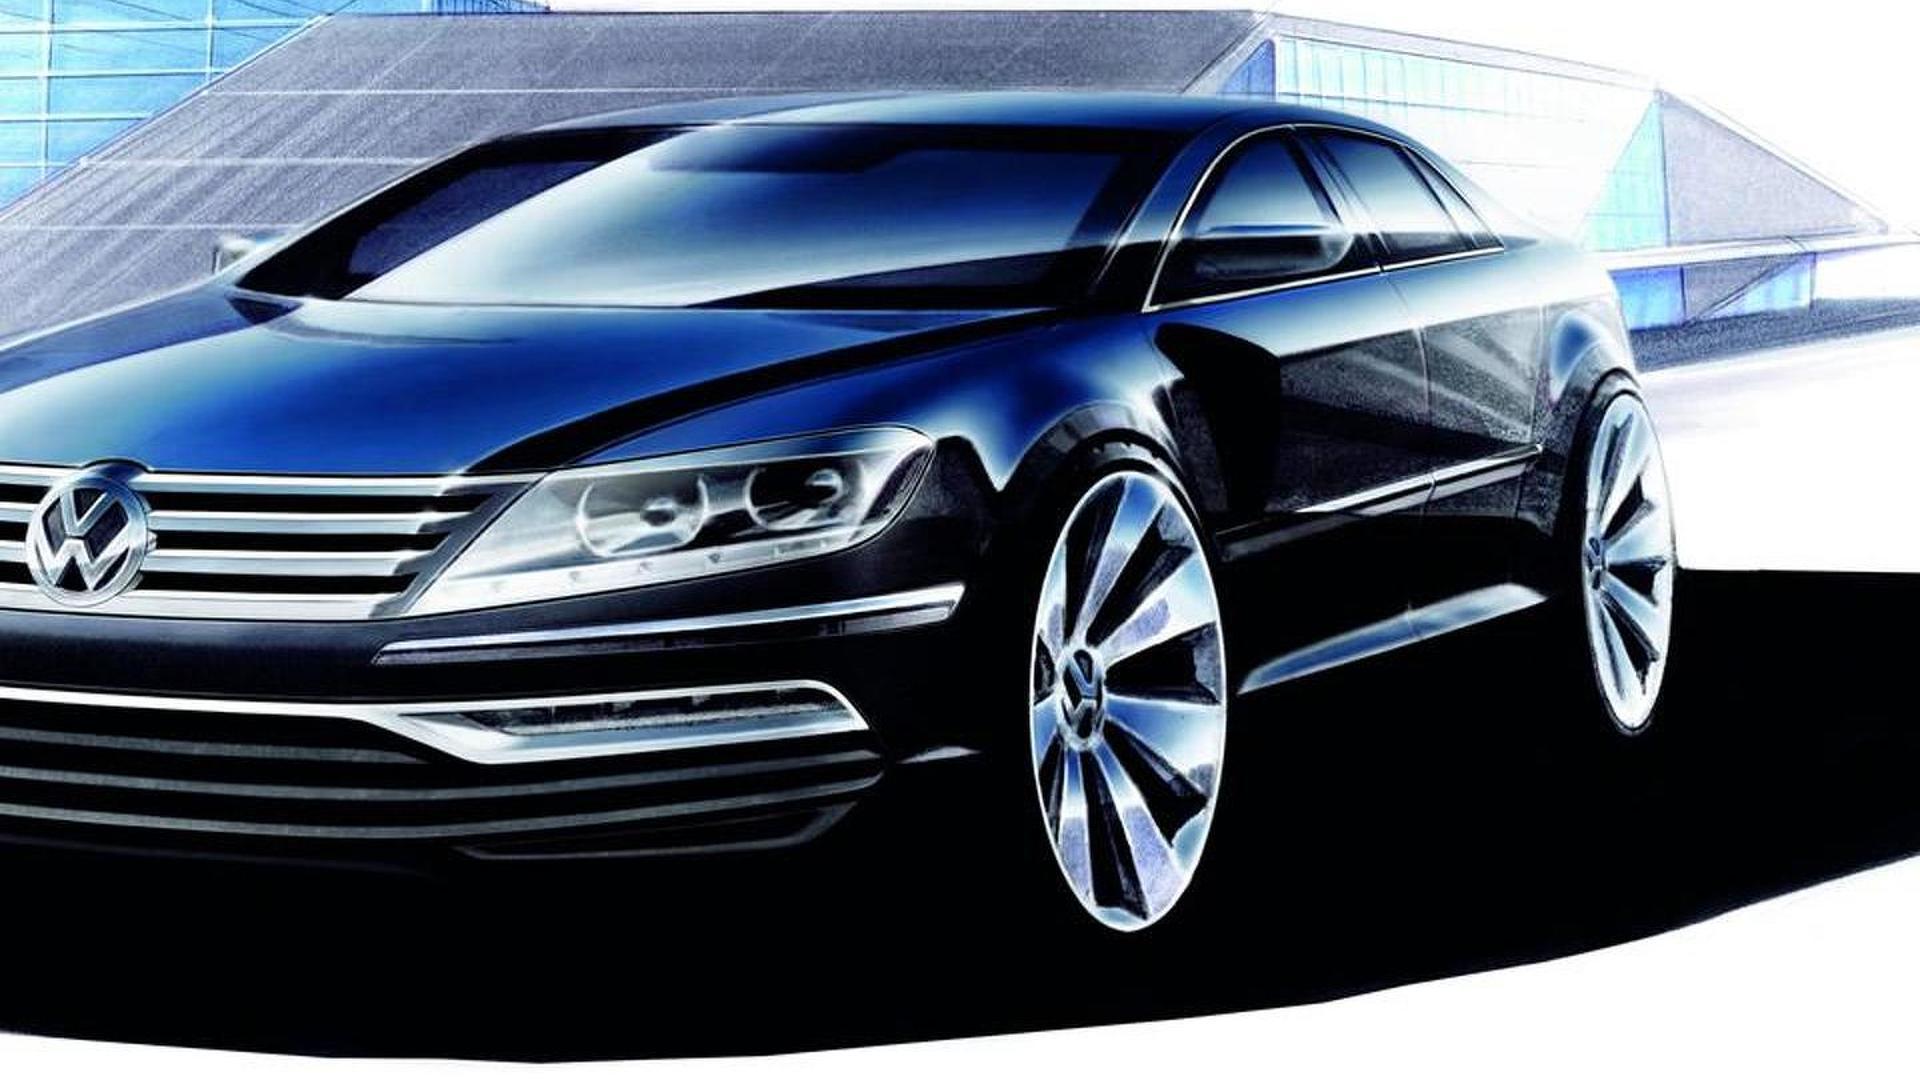 Набросок дизайна Volkswagen Phaeton нового поколения